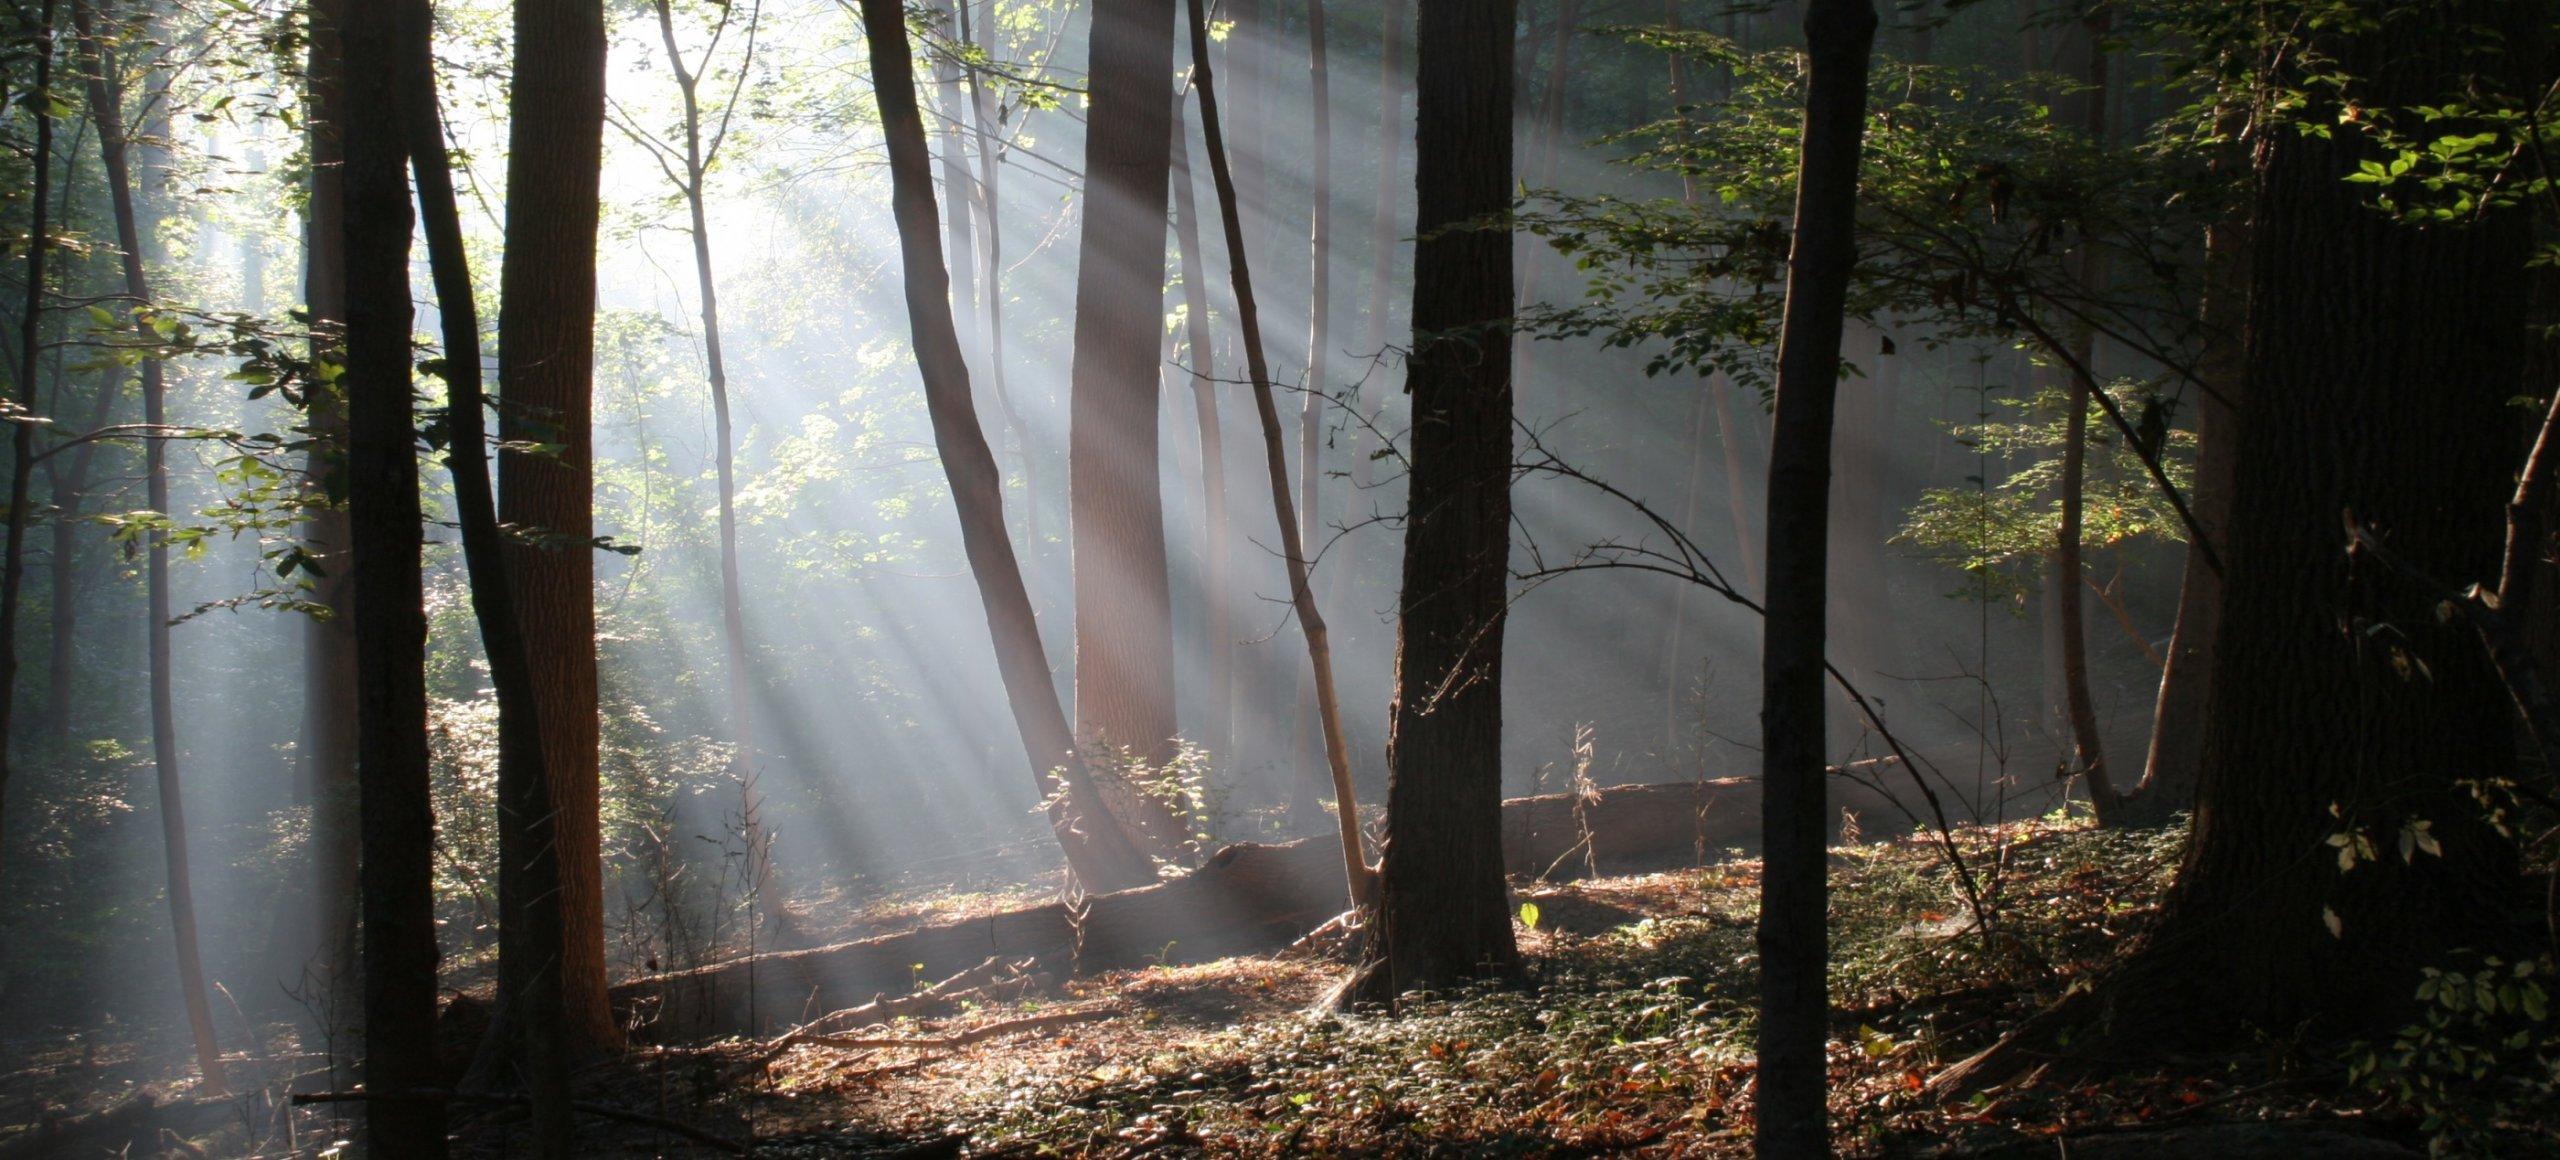 Saunders Woods Preserve - Natural Lands